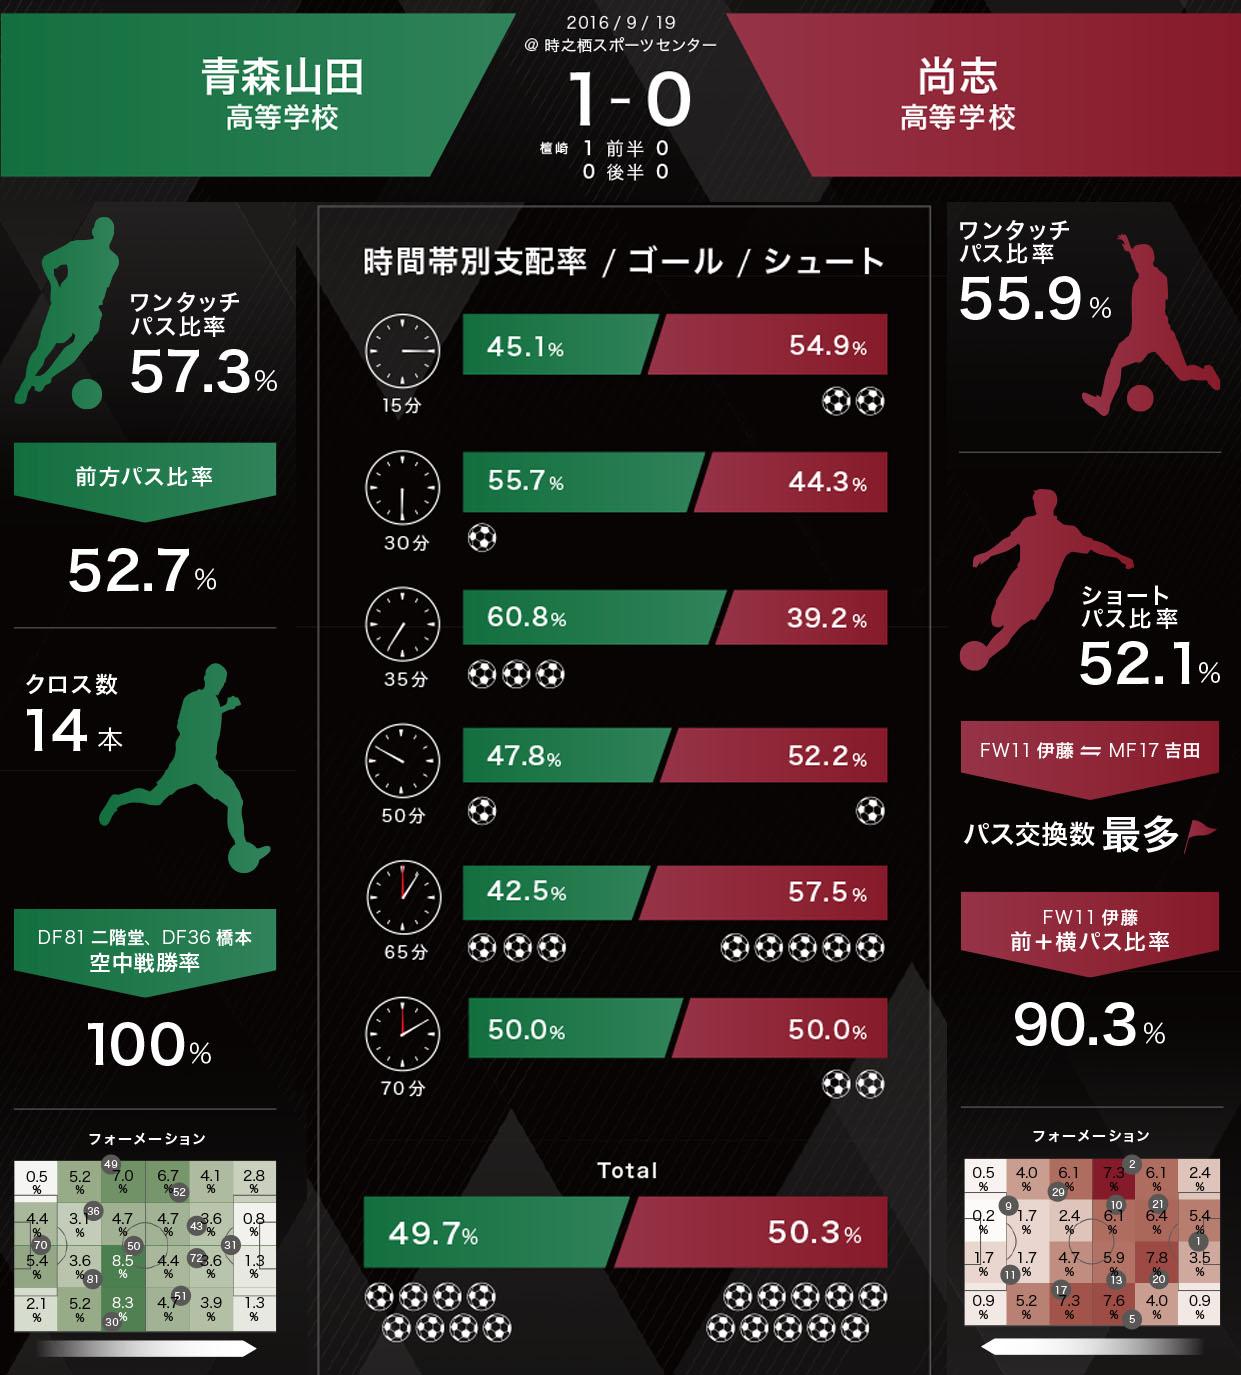 青森山田高校VS尚志こう